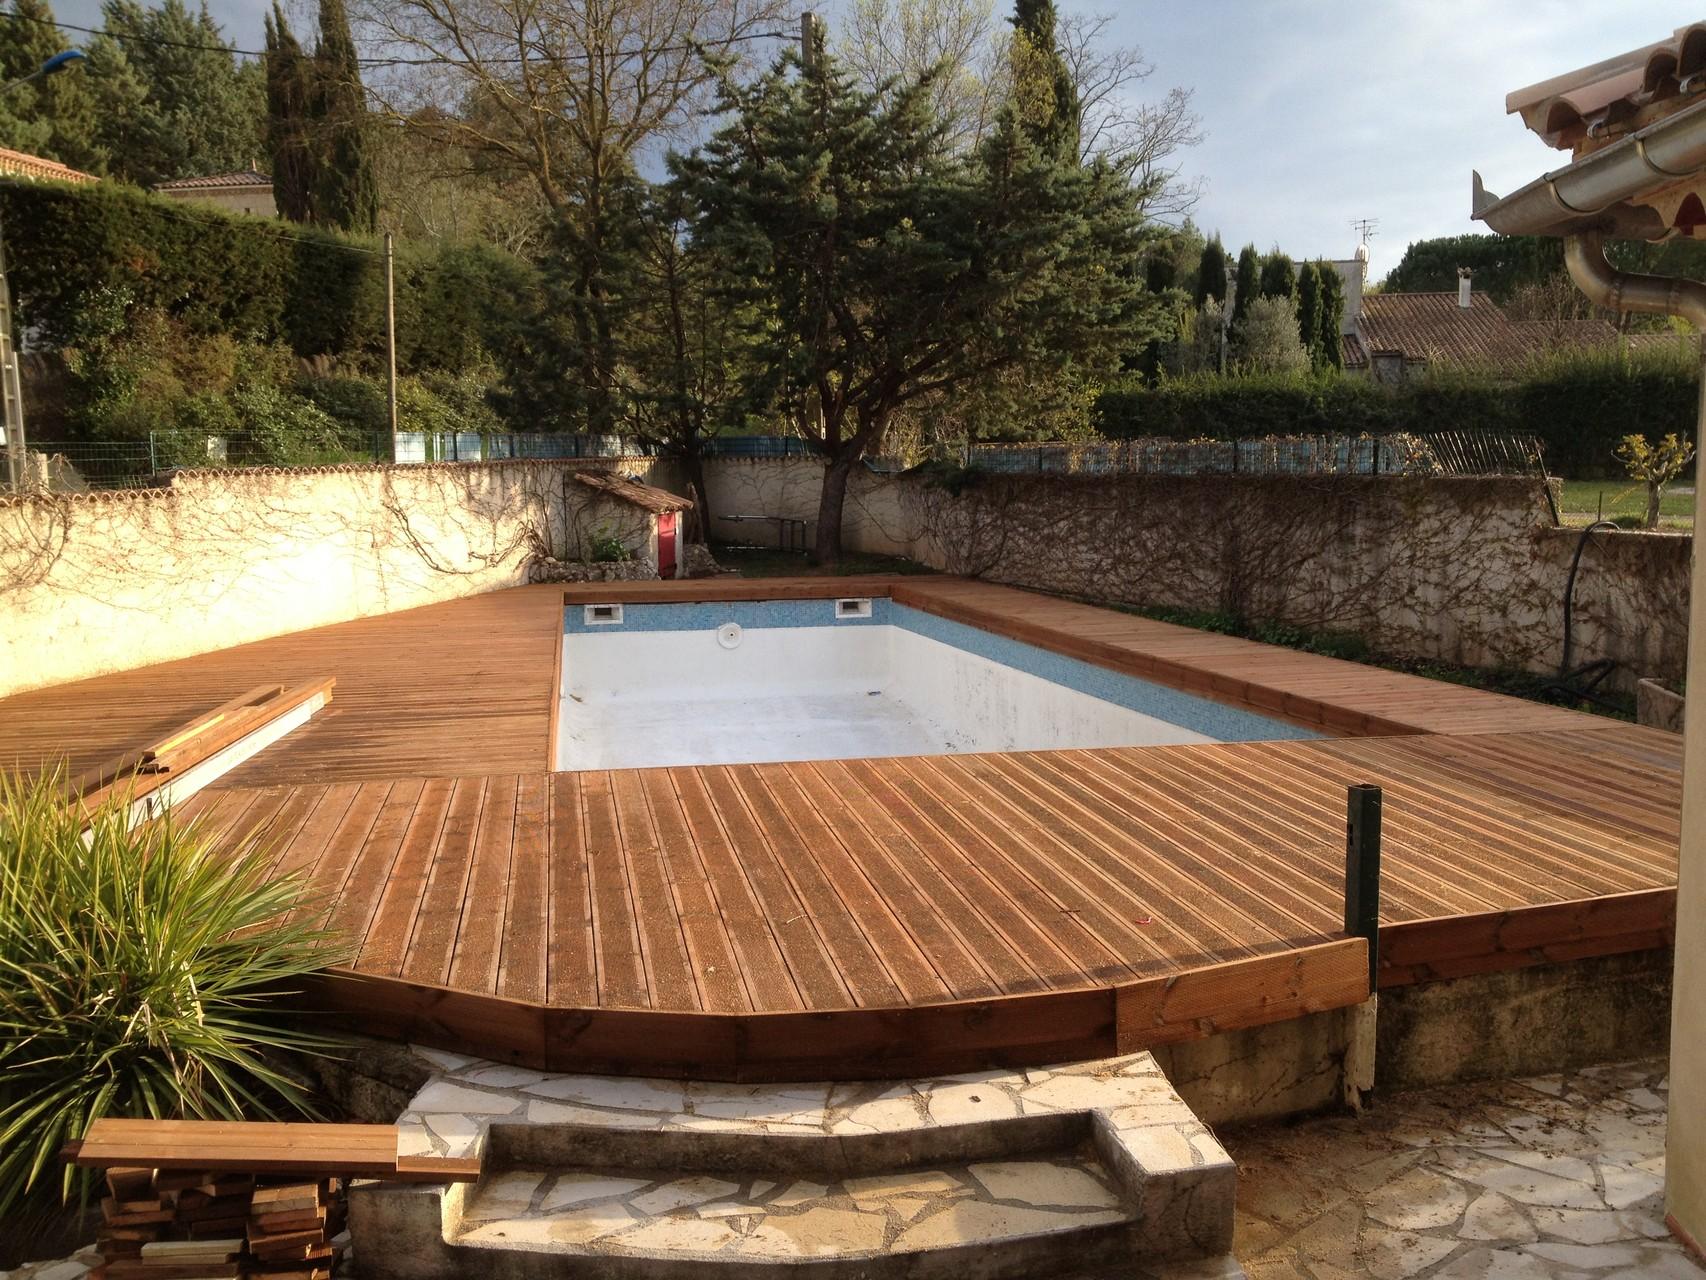 Terrasse en bois autour d'une piscine